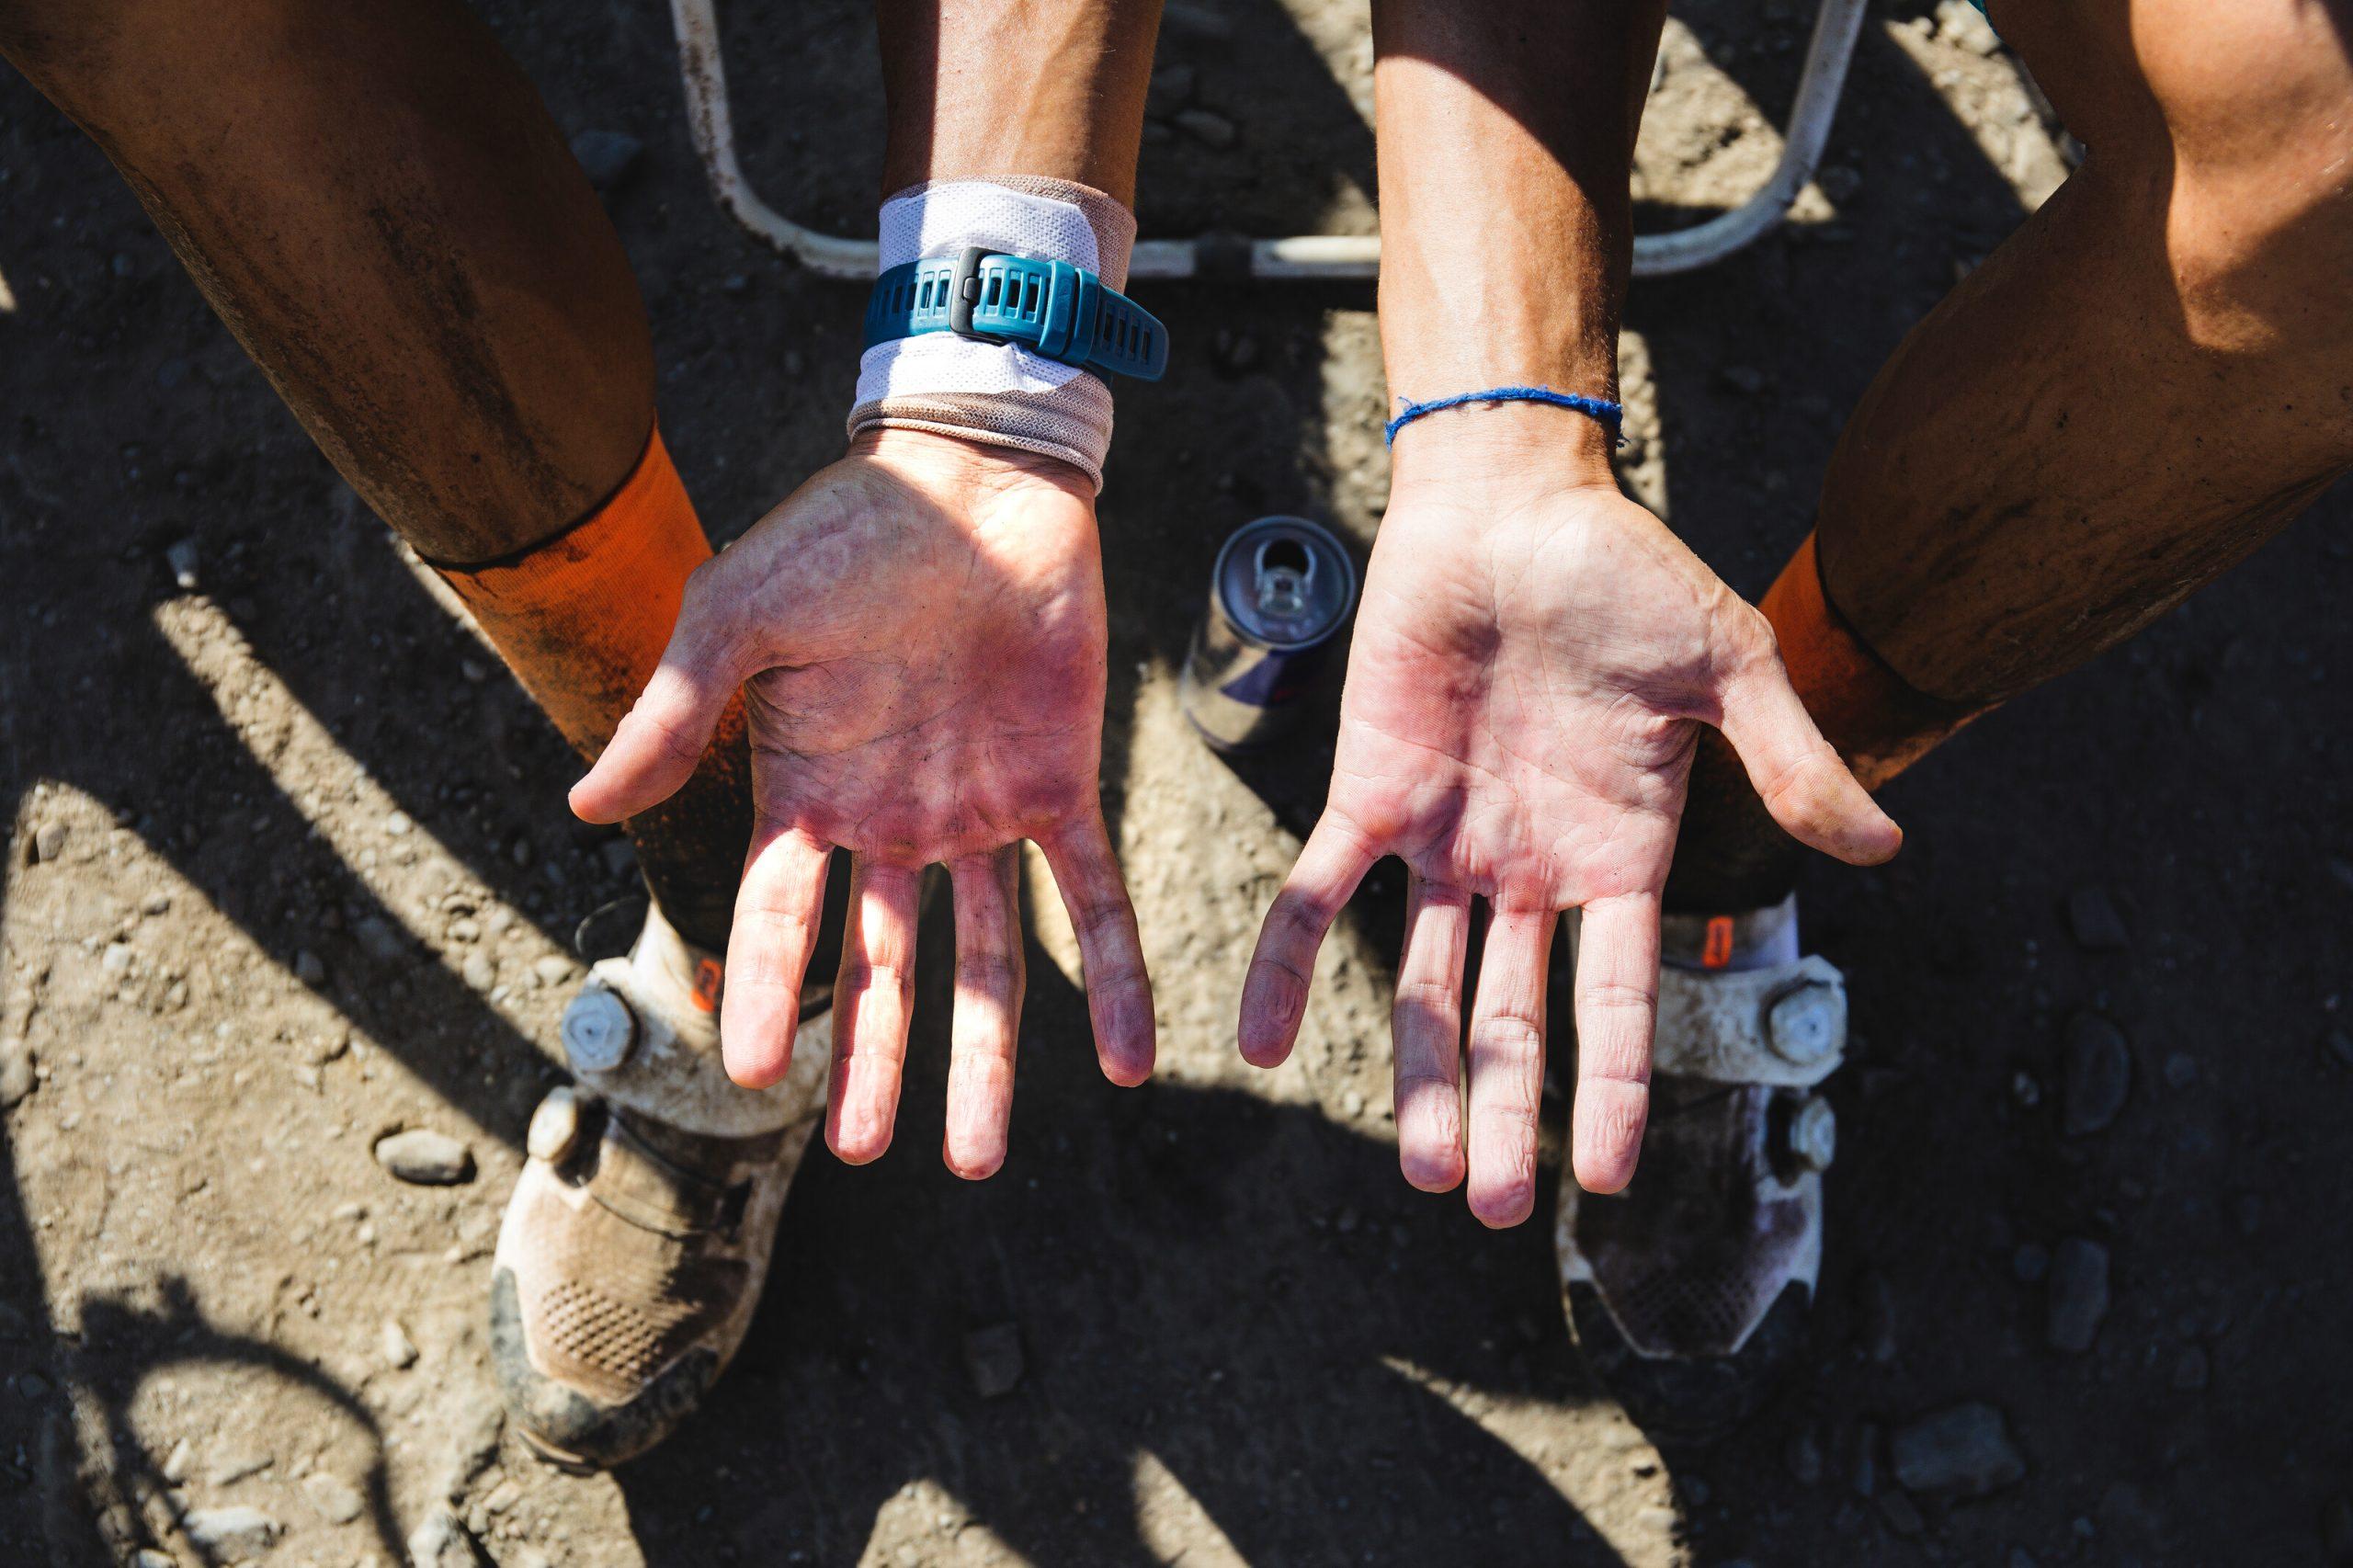 Detailný pohľad na zničené ruky cyklistu